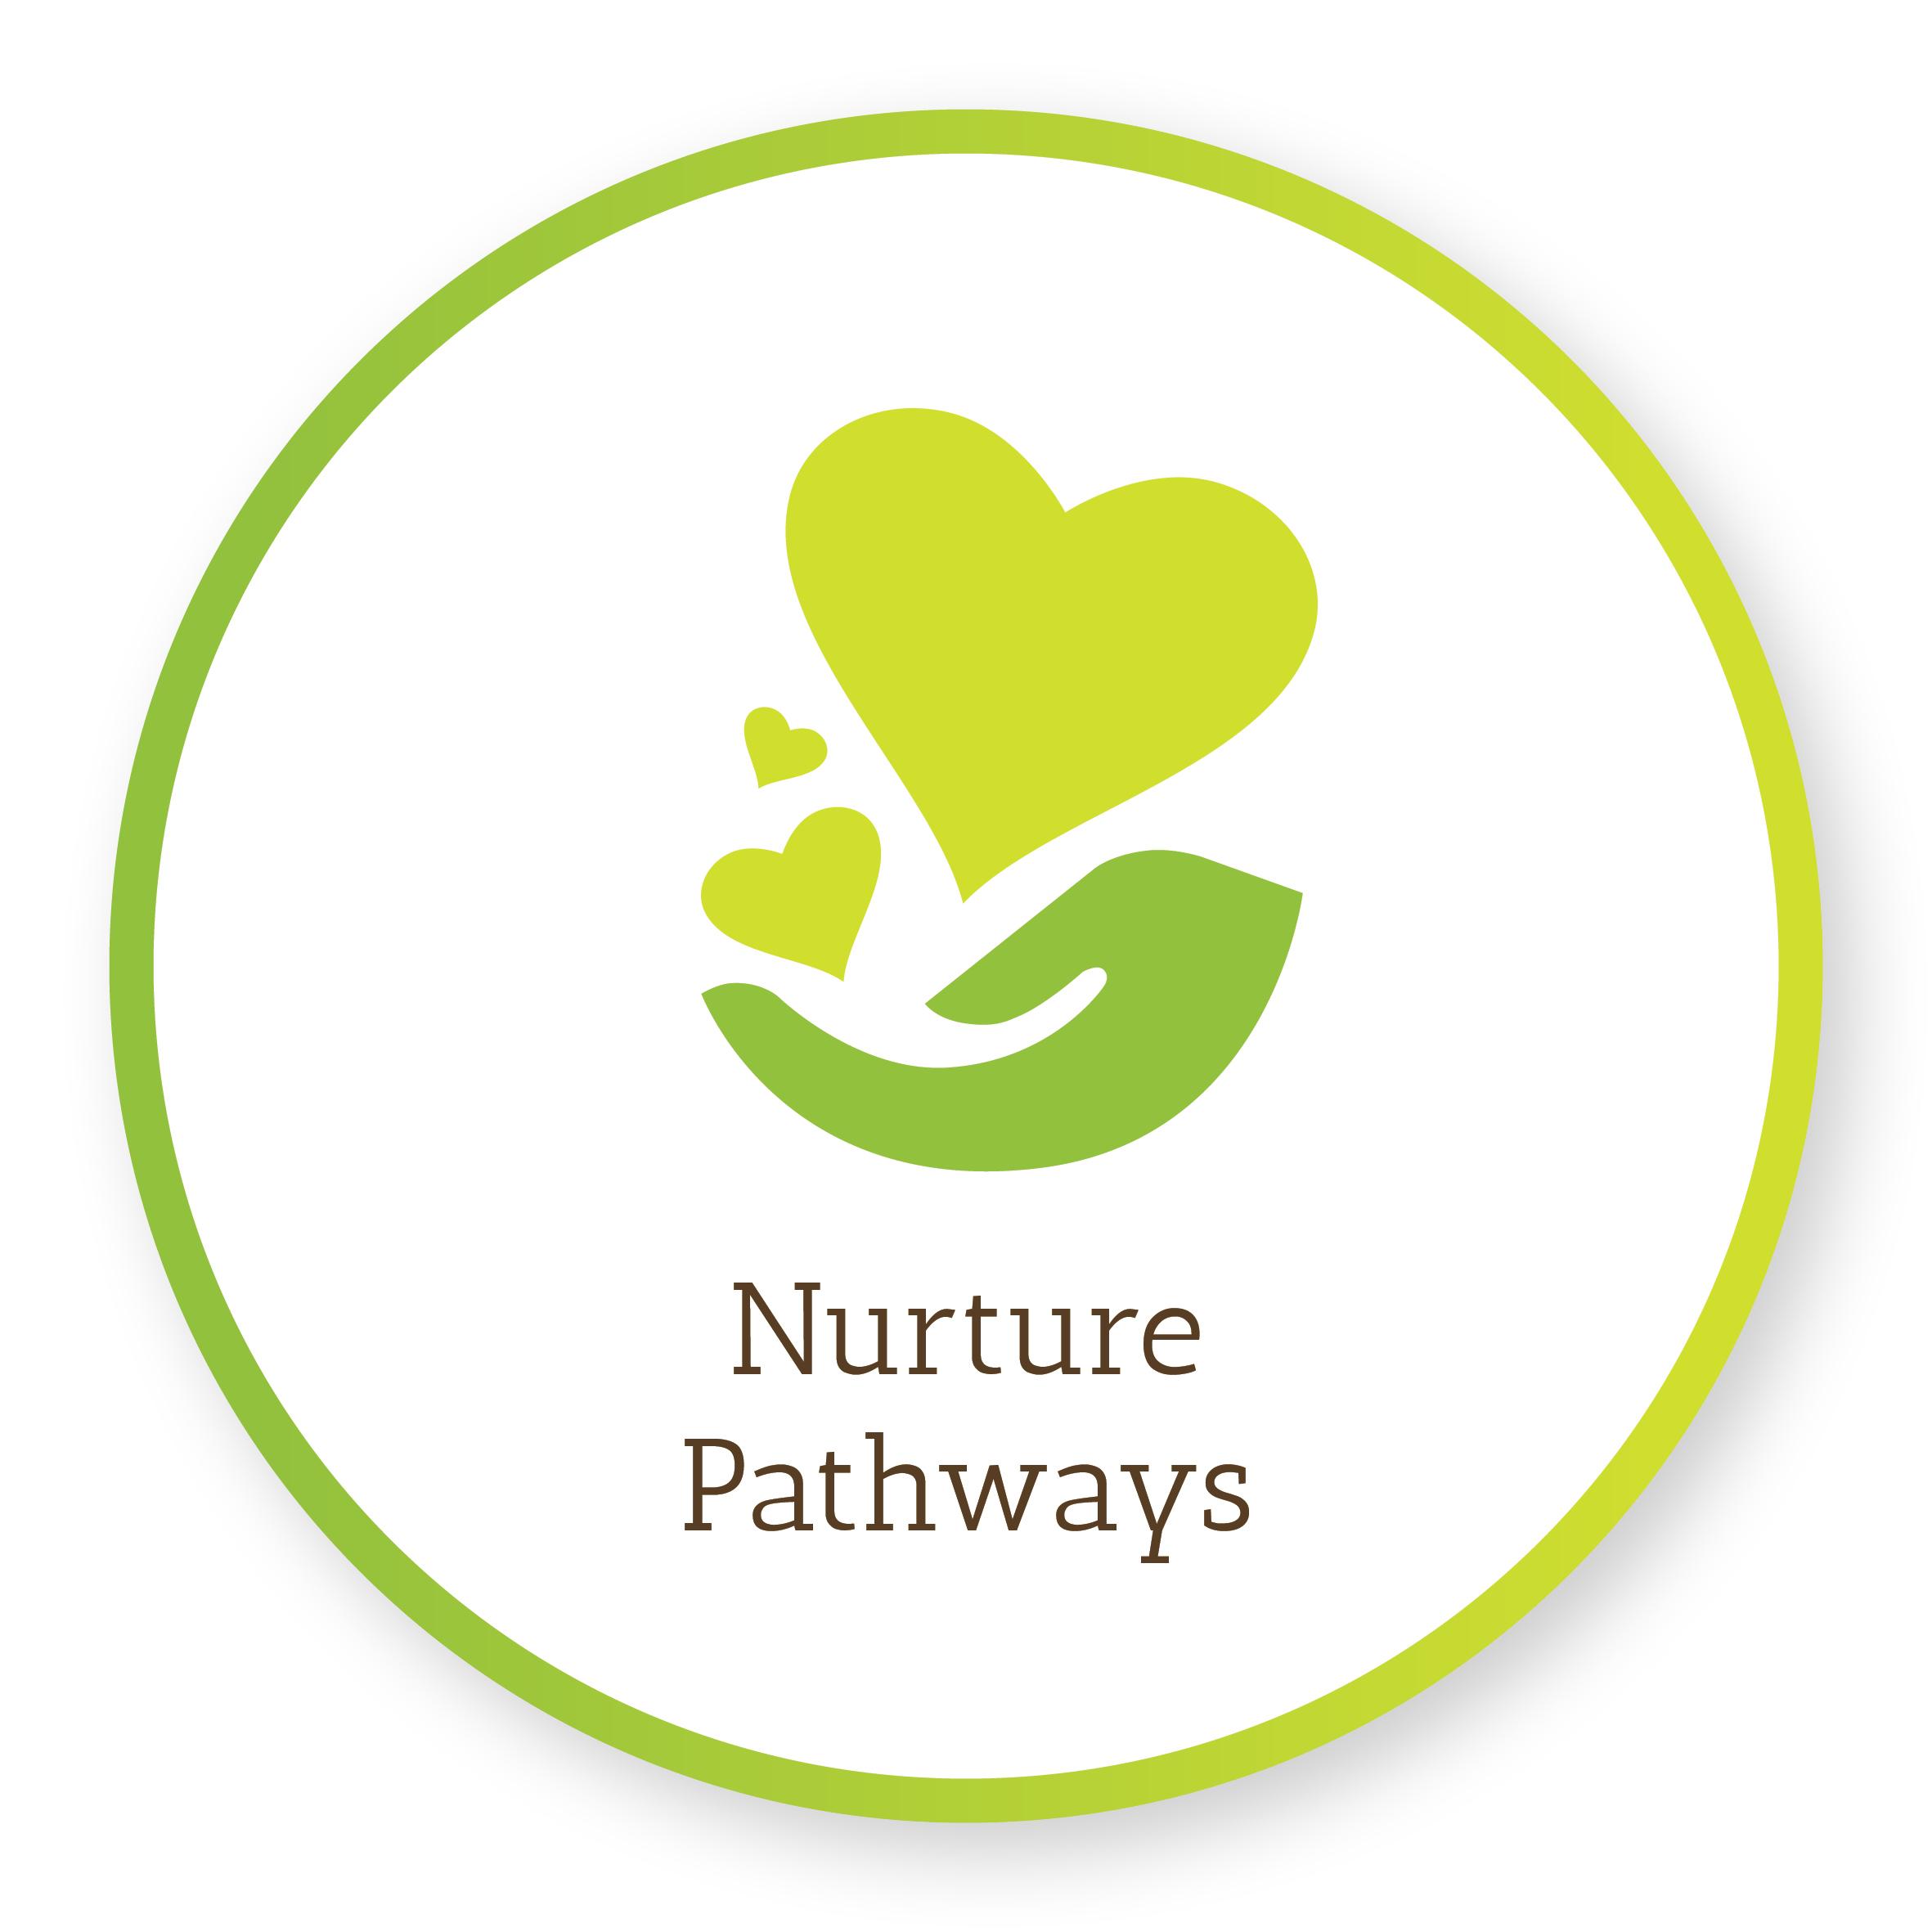 Nurture Pathways